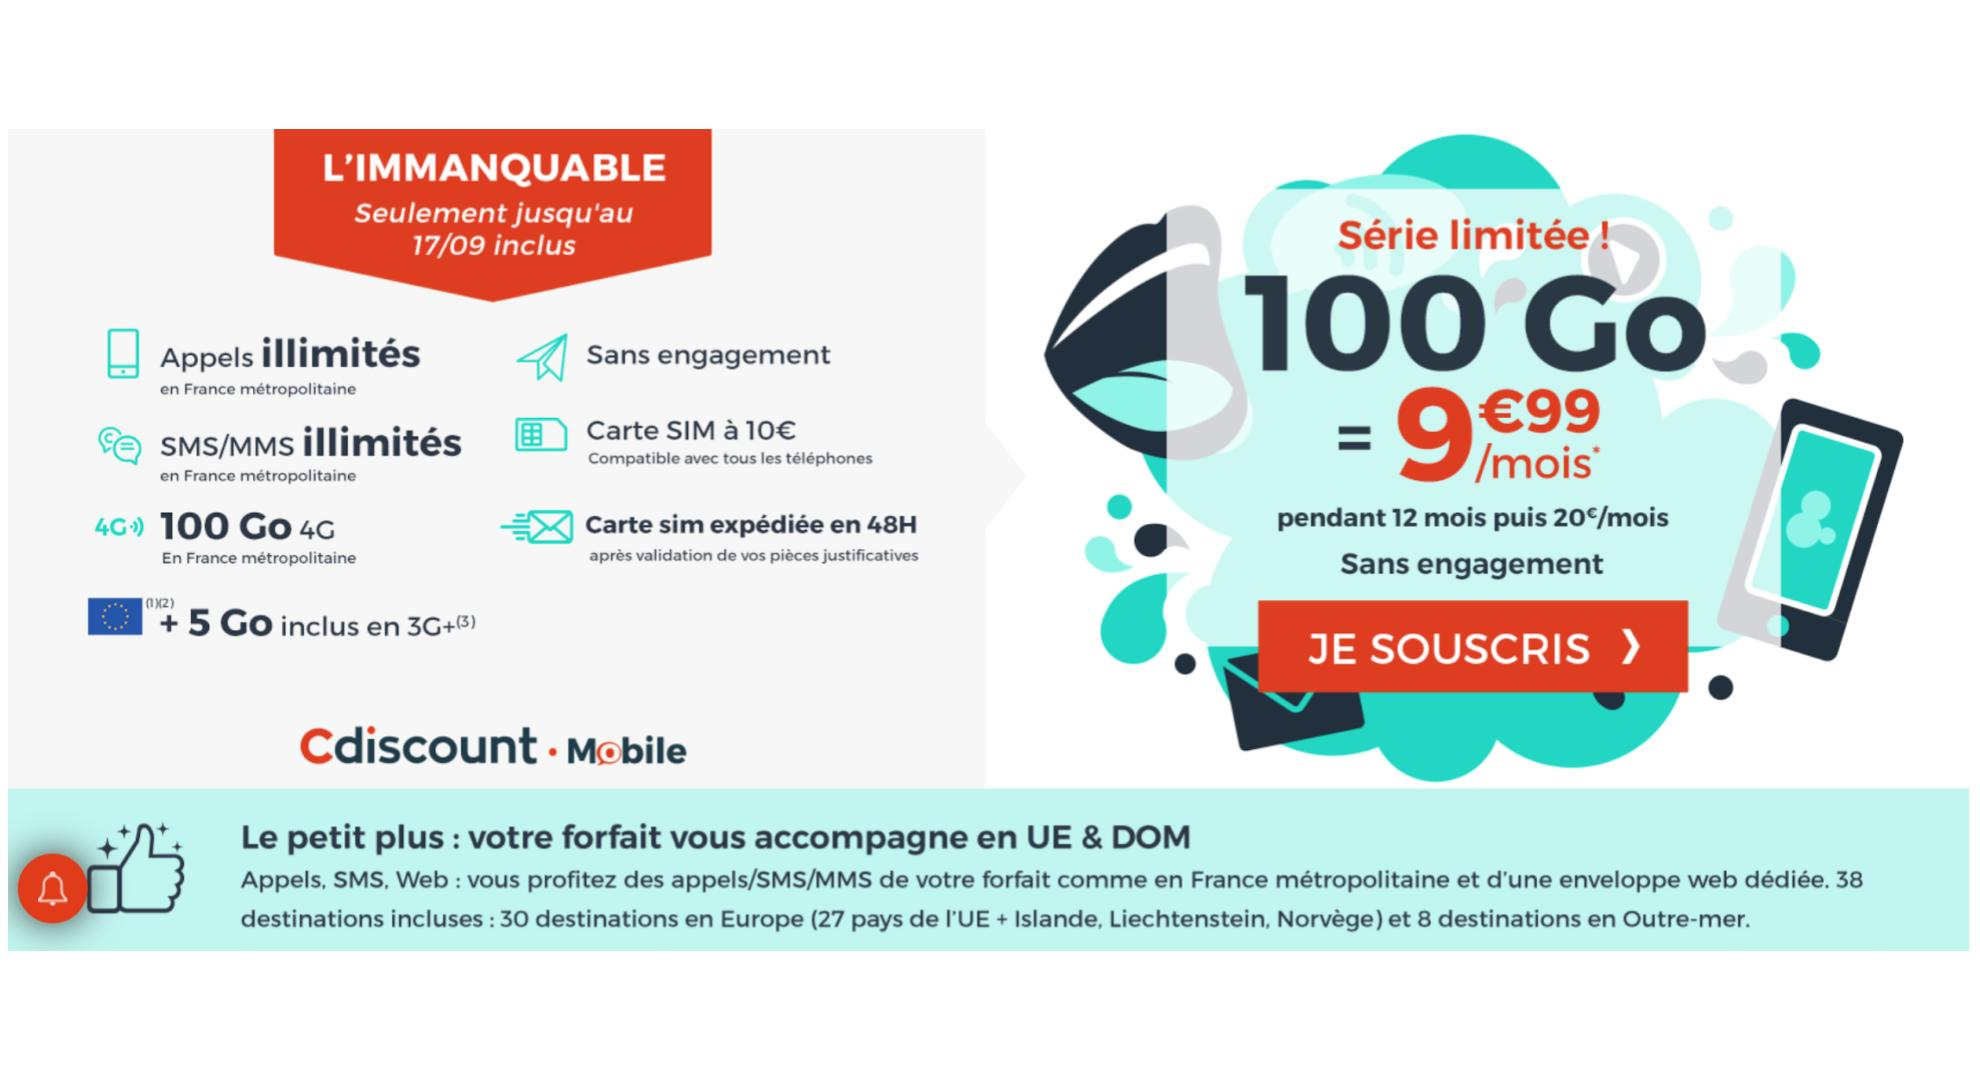 Carte Cdiscount Mobile.Le Deal Du Jour C Est Le Moment De Changer De Forfait Pour